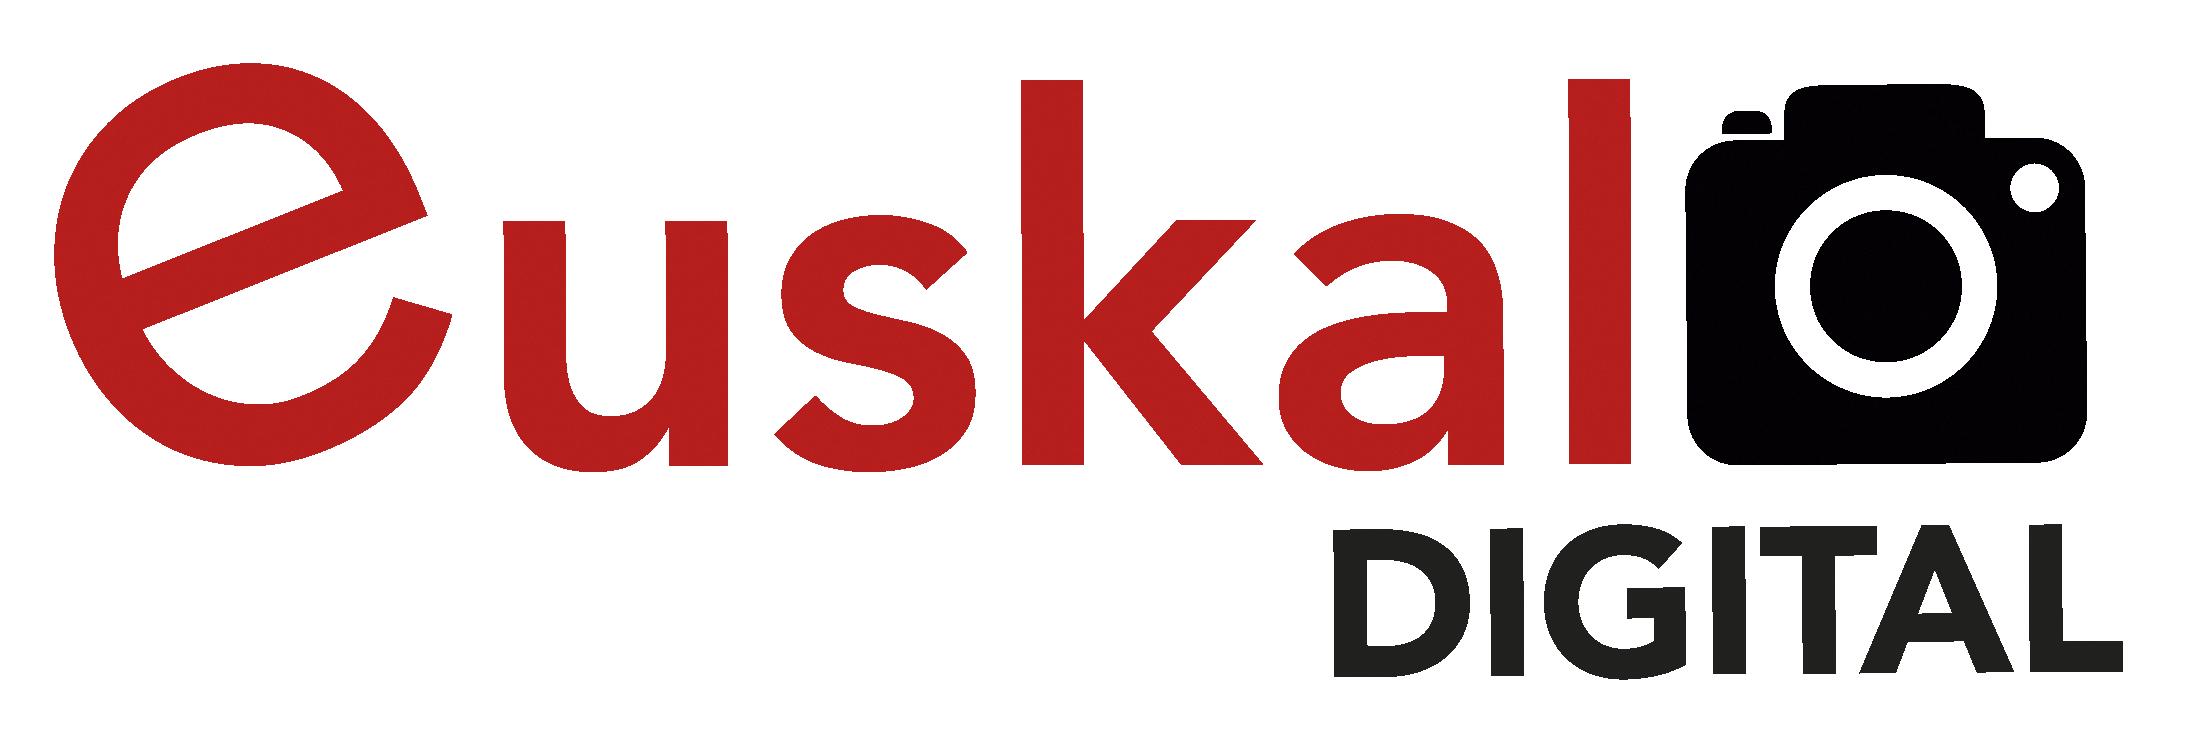 Euskal digital